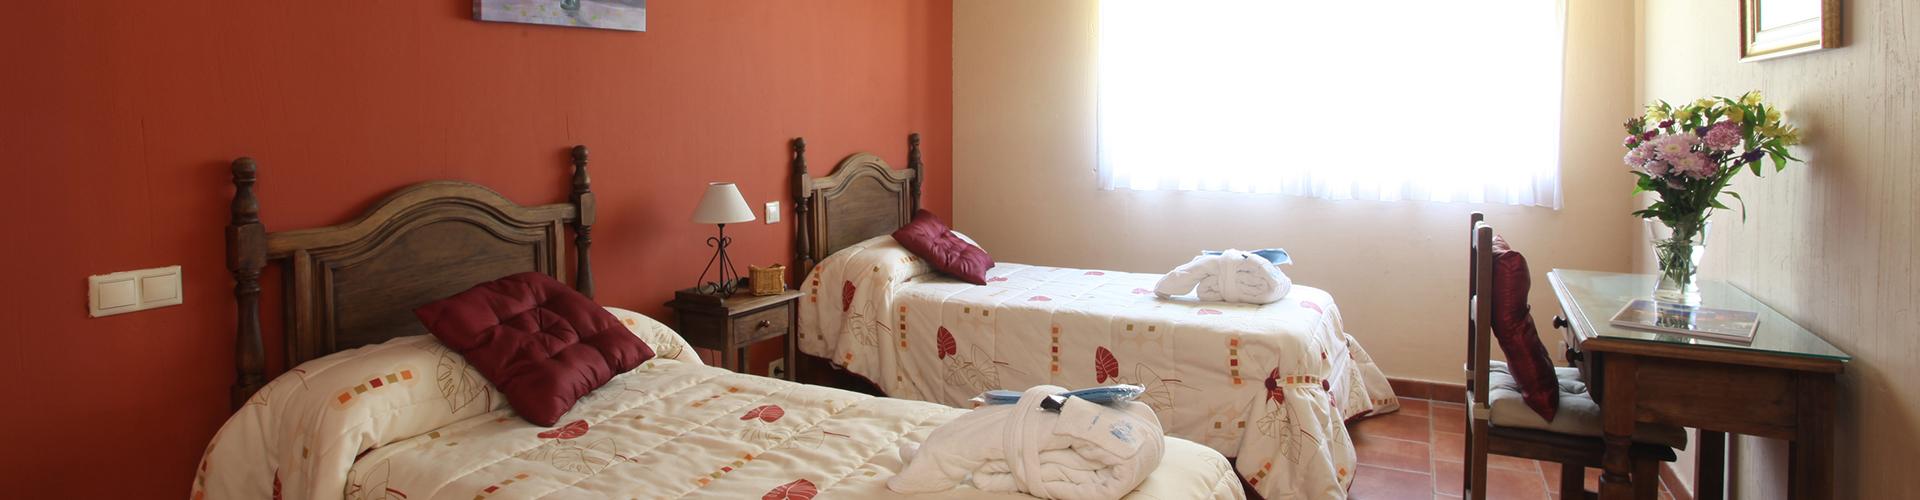 HOTEL RURAL SPA LA SENDA DE LOS CARACOLES (2)